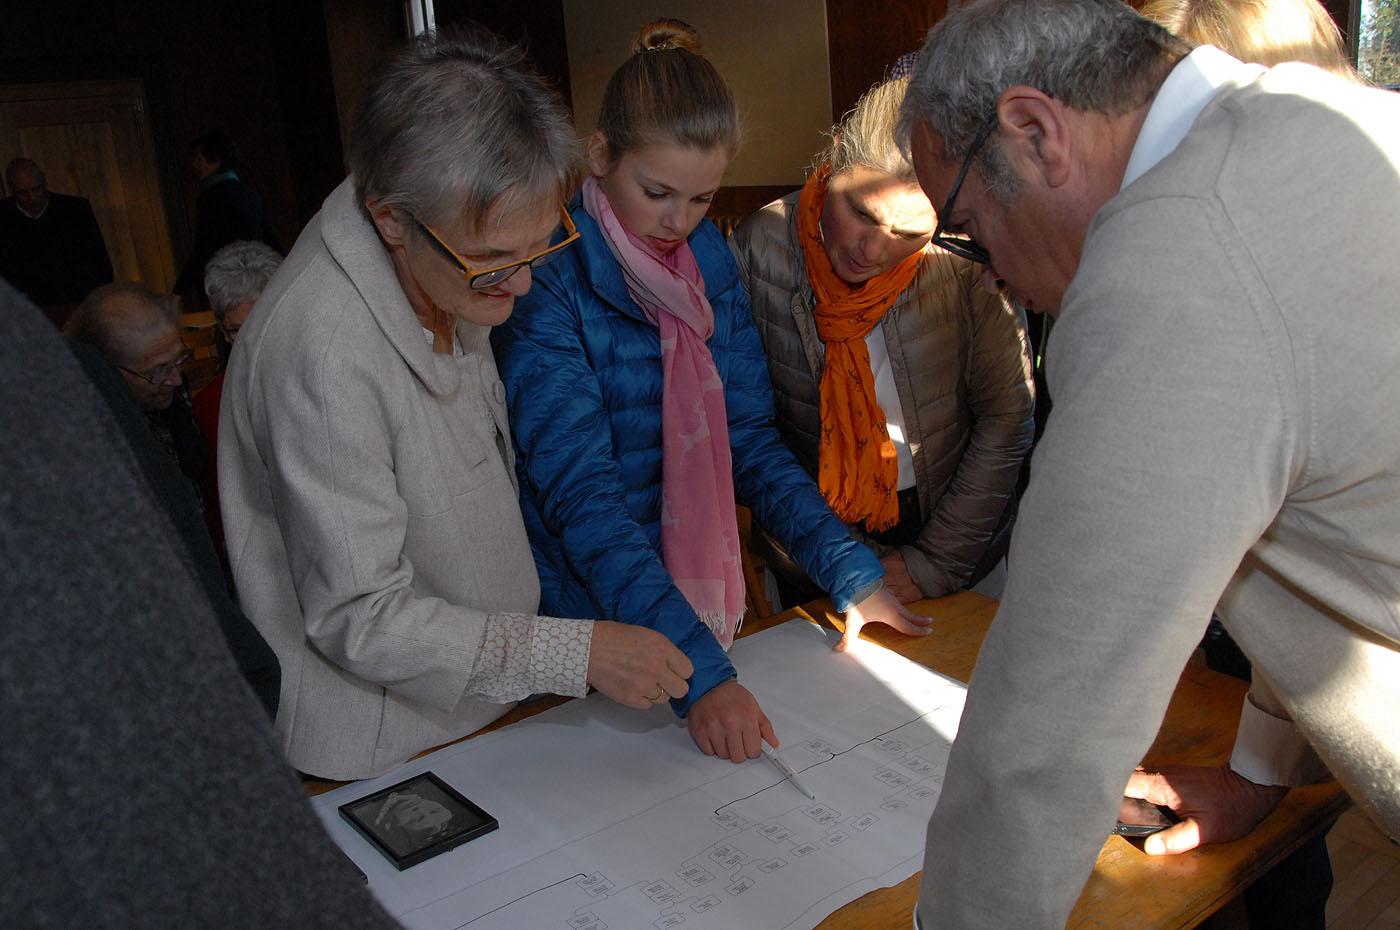 Familientag_23.11.14-Einsiedel_Foto bräu_162